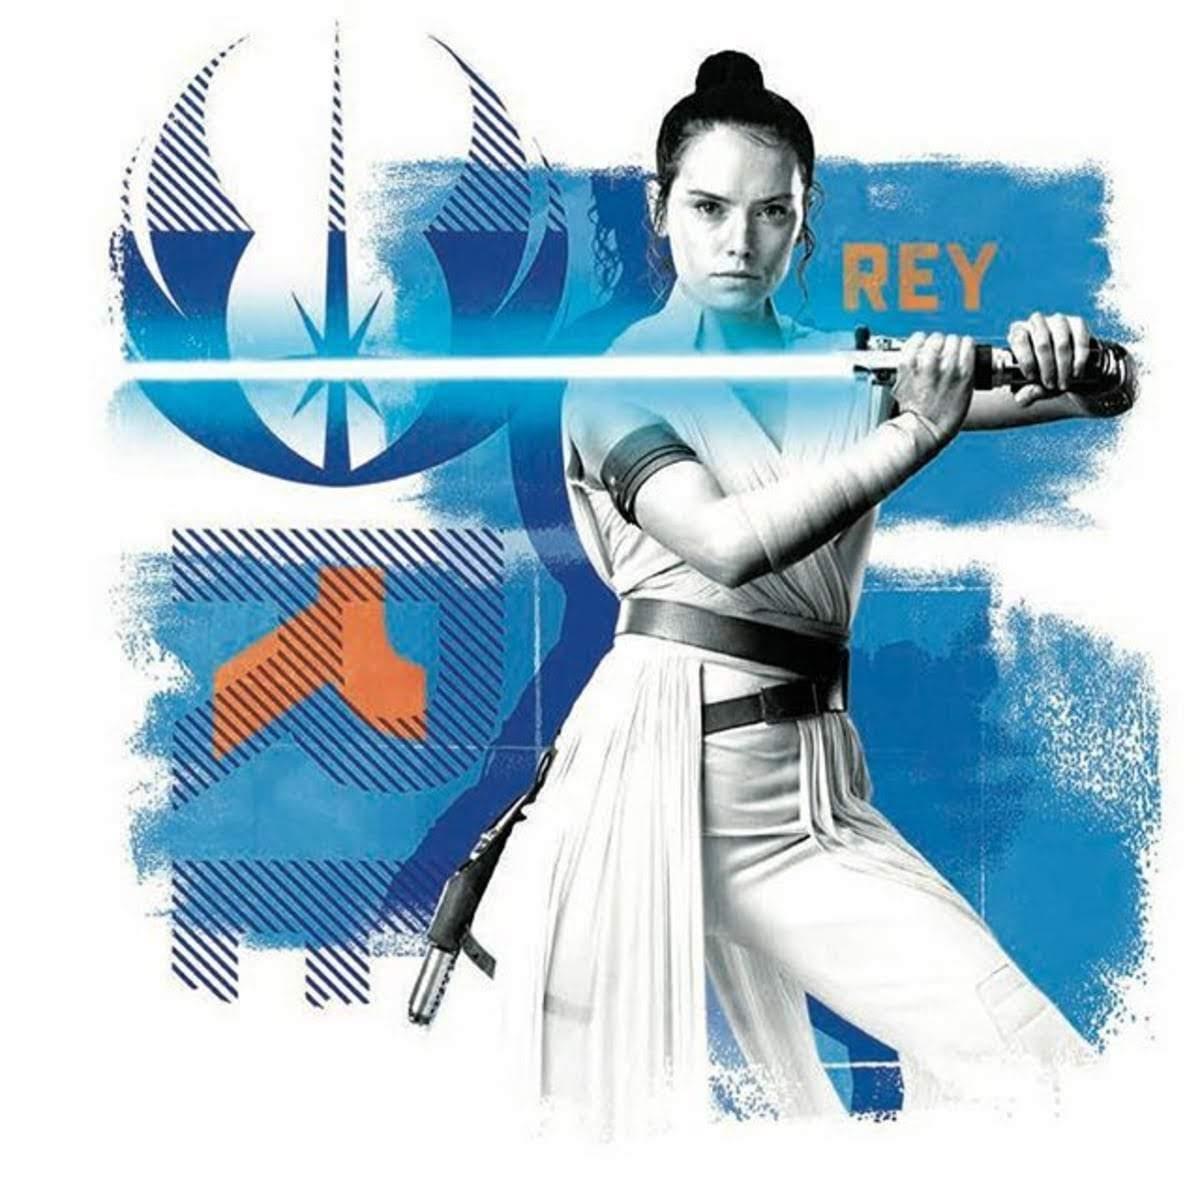 Star Wars :「スター・ウォーズ」のサーガの完結編「ザ・ライズ・オブ・スカイウォーカー」のレイがフォースを使う初公開の本編シーンをチラ見せした新しいTVスポットの CM ! !